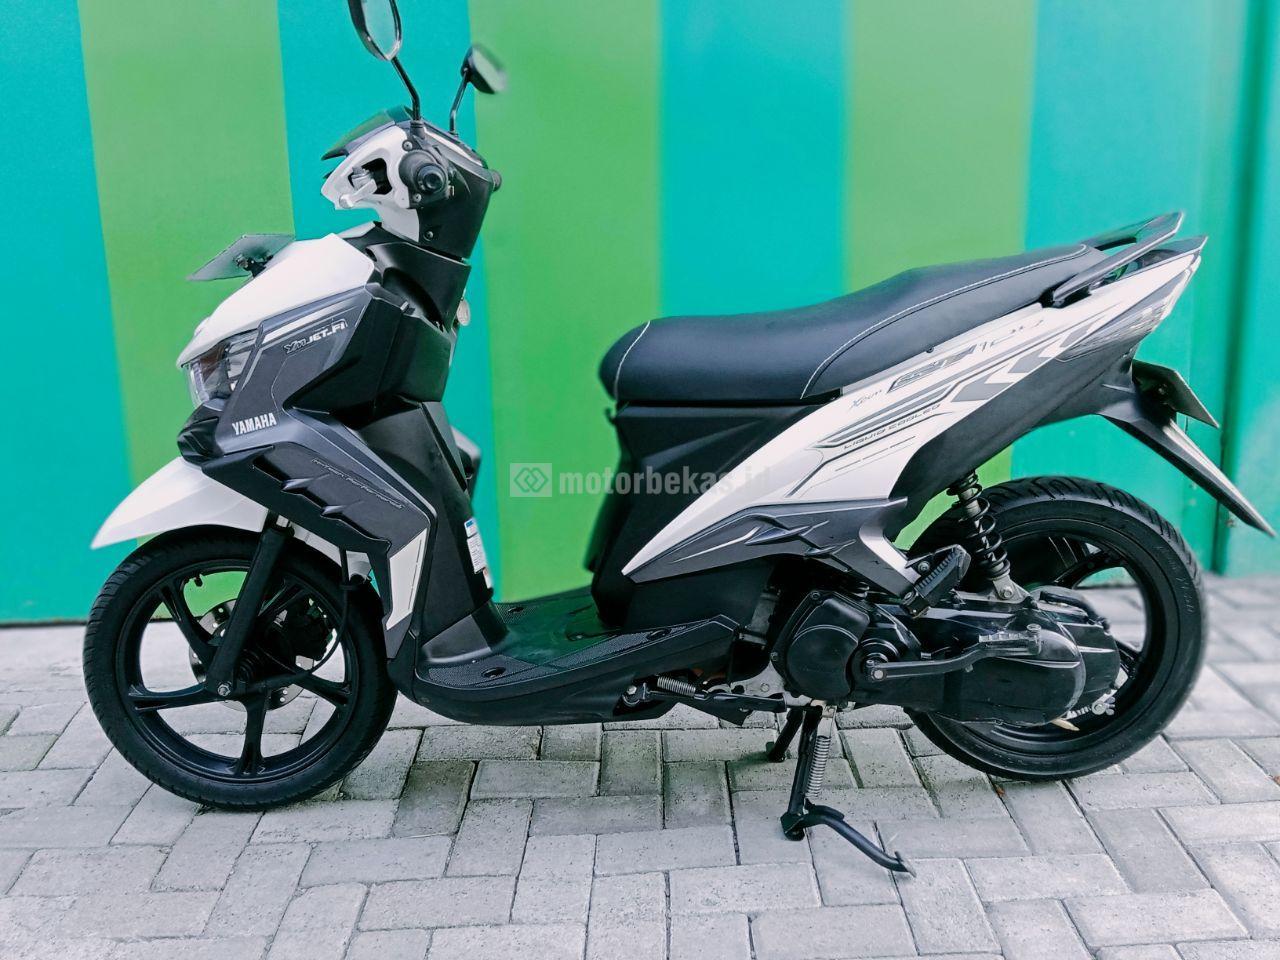 YAMAHA XEON FI 1450 motorbekas.id